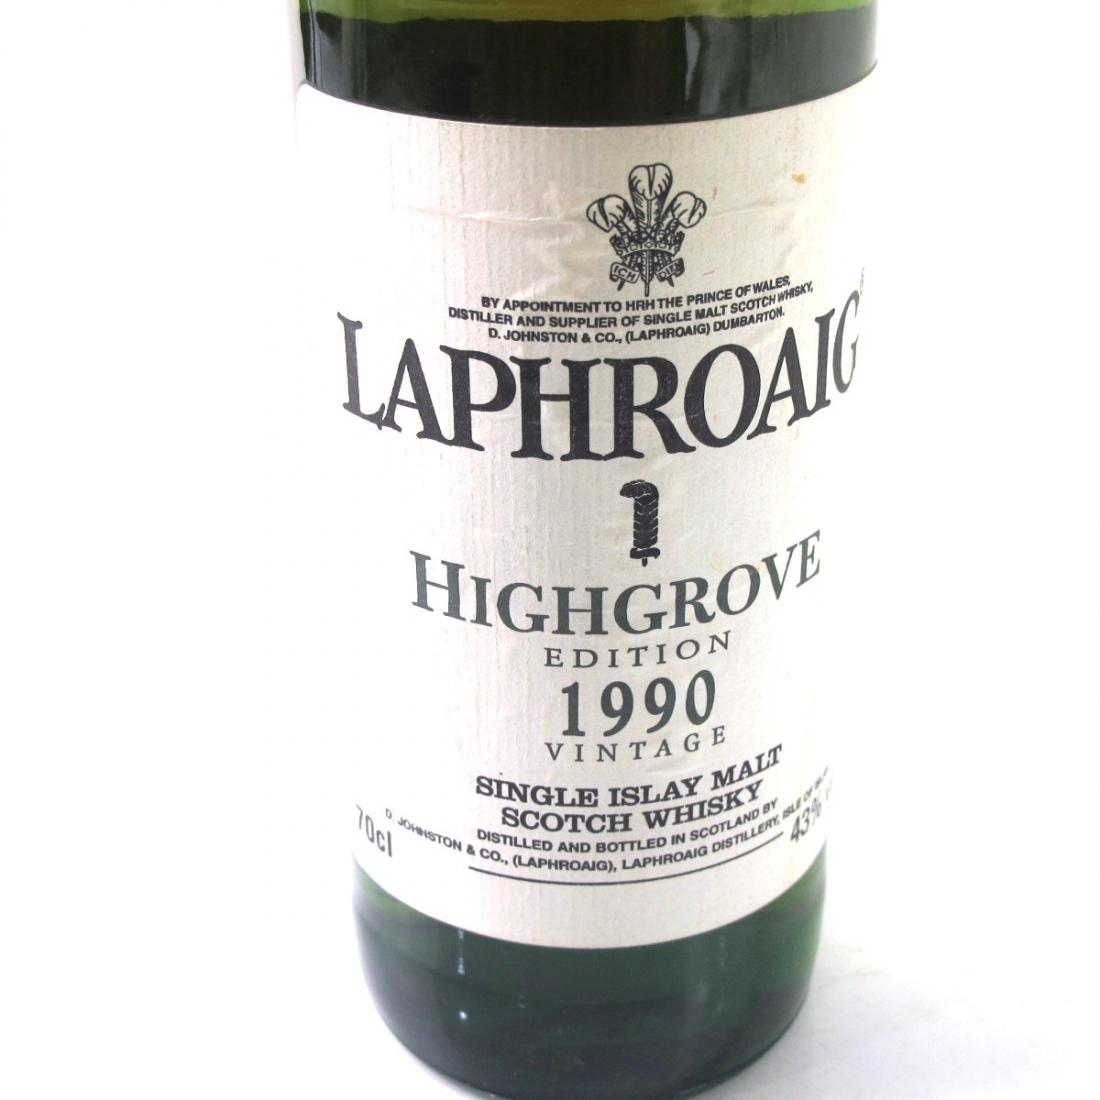 Laphroaig 1990 Highgrove